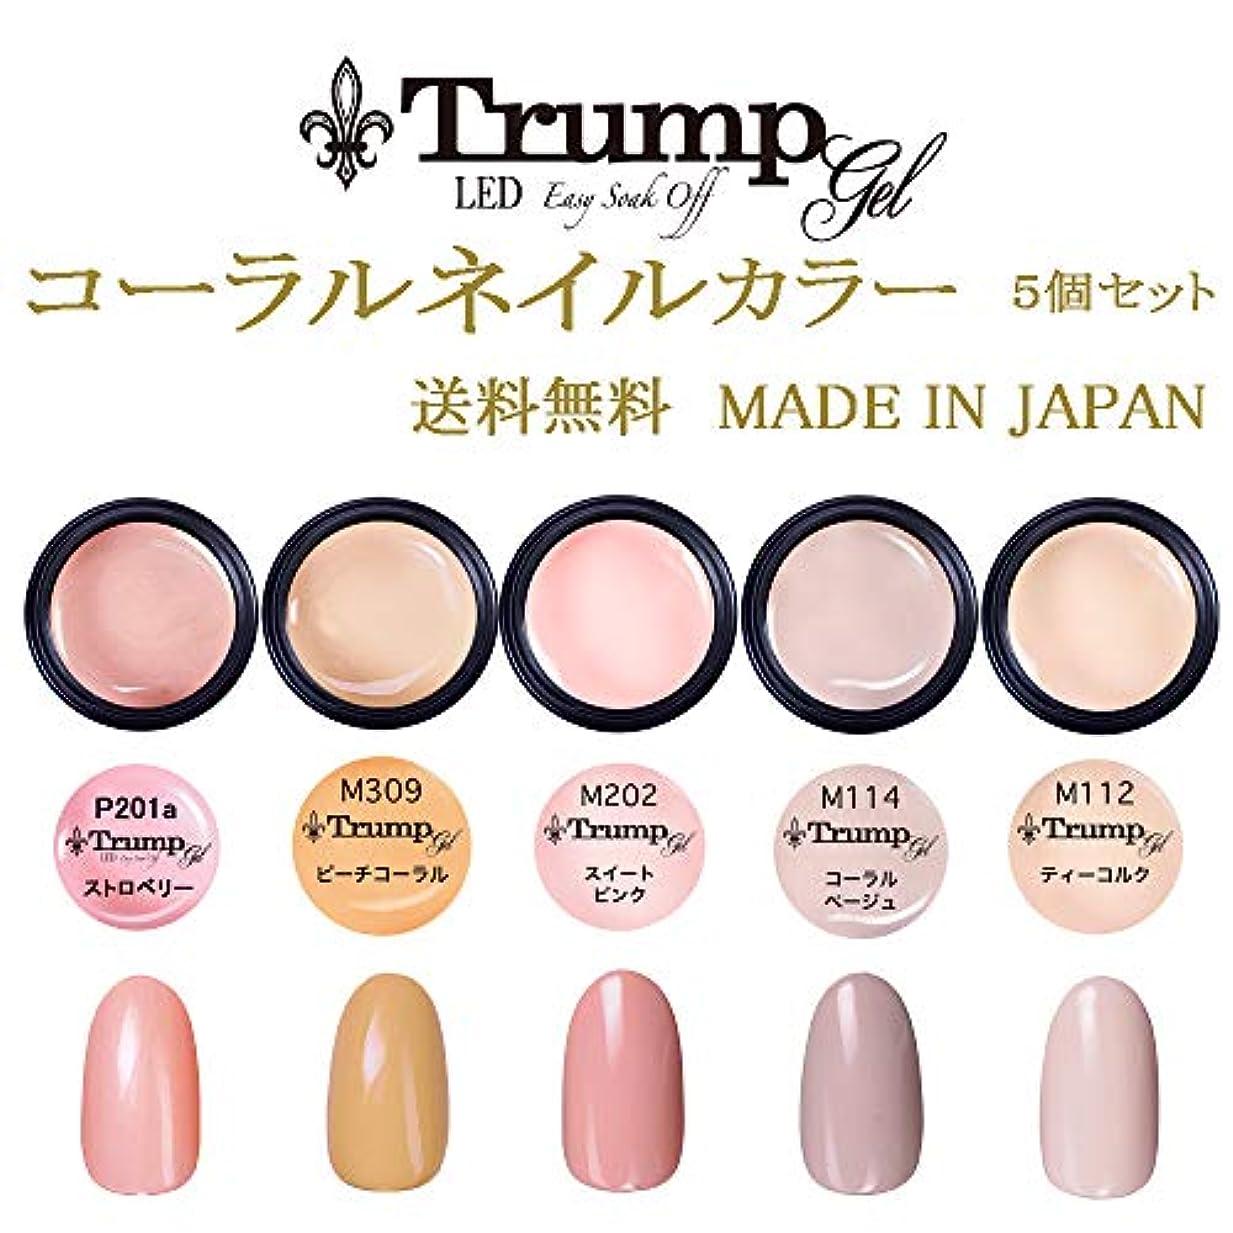 前に伝染性のセミナー【送料無料】日本製 Trump gel トランプジェル コーラルネイル カラージェル 5個セット 明るくて可愛い コーラルネイルカラージェルセット